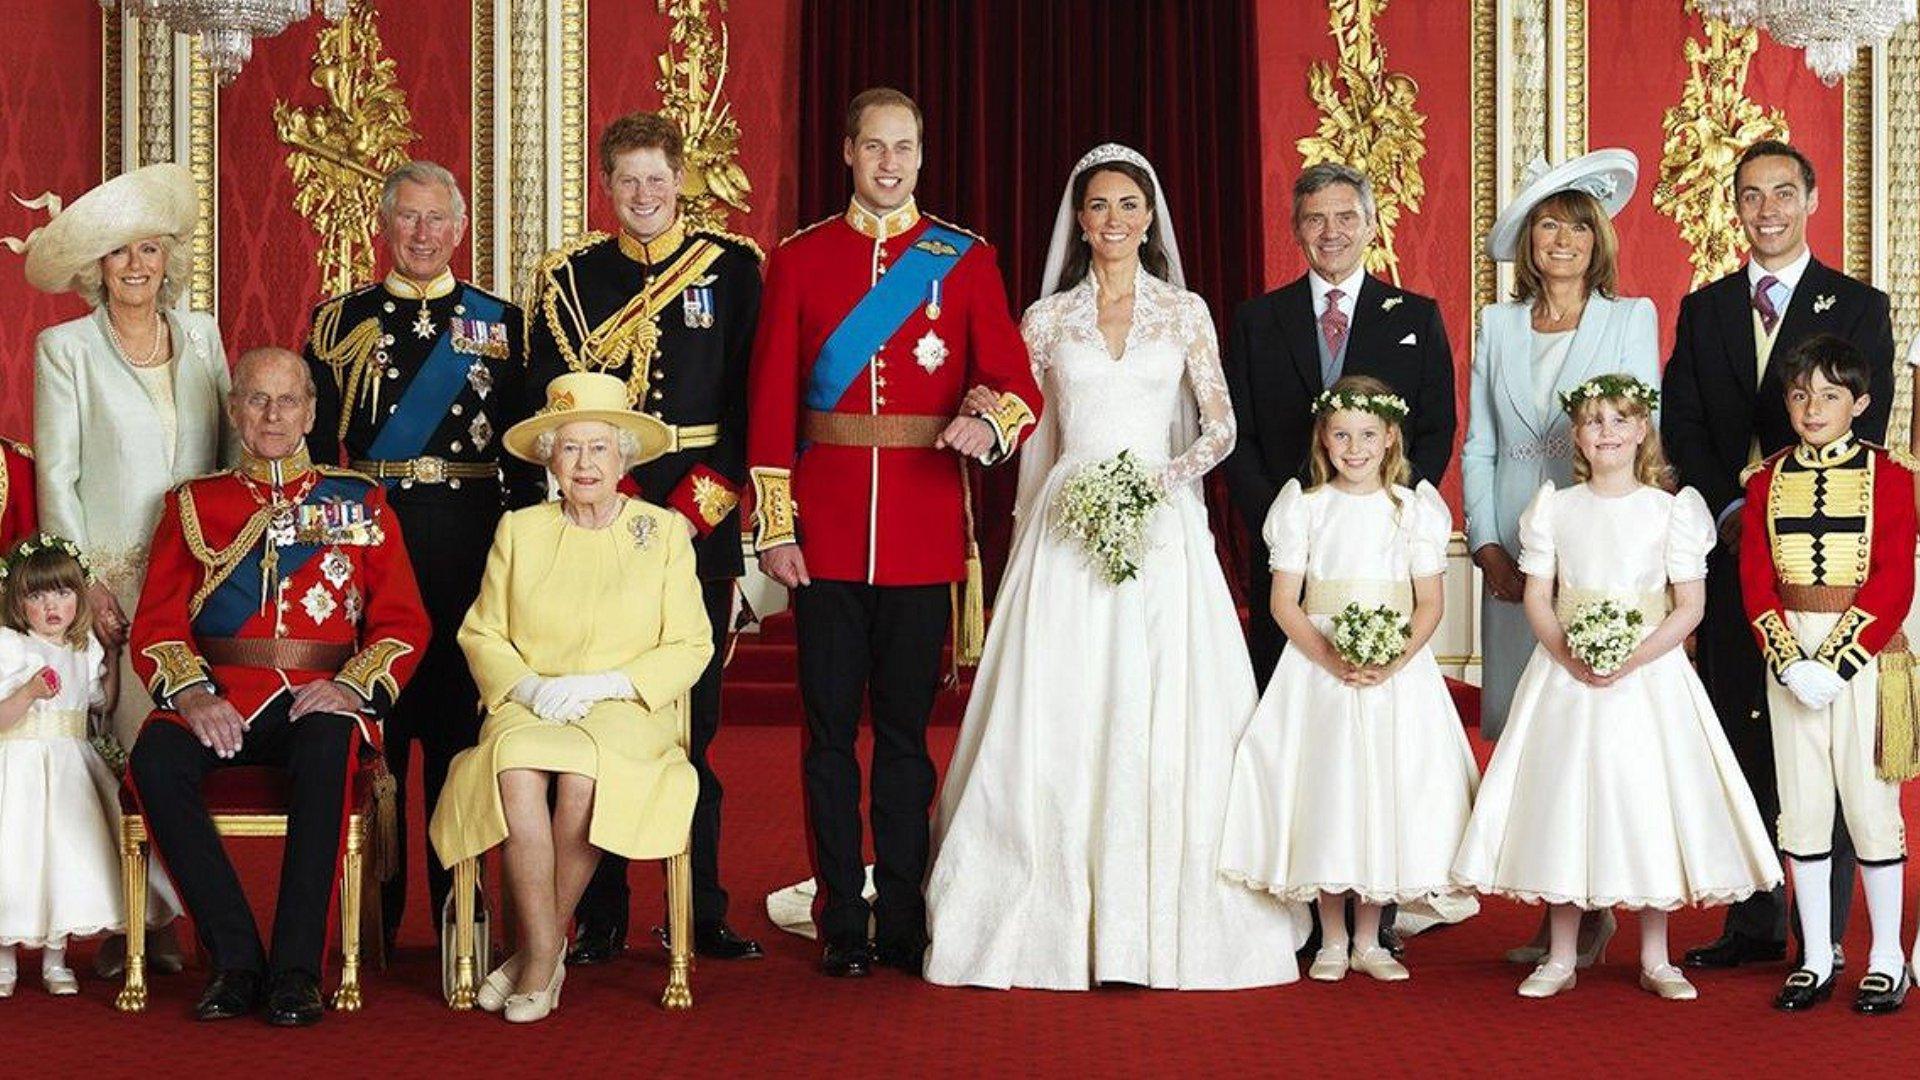 英國皇室不會說的6個用語 連「toilet」也禁用